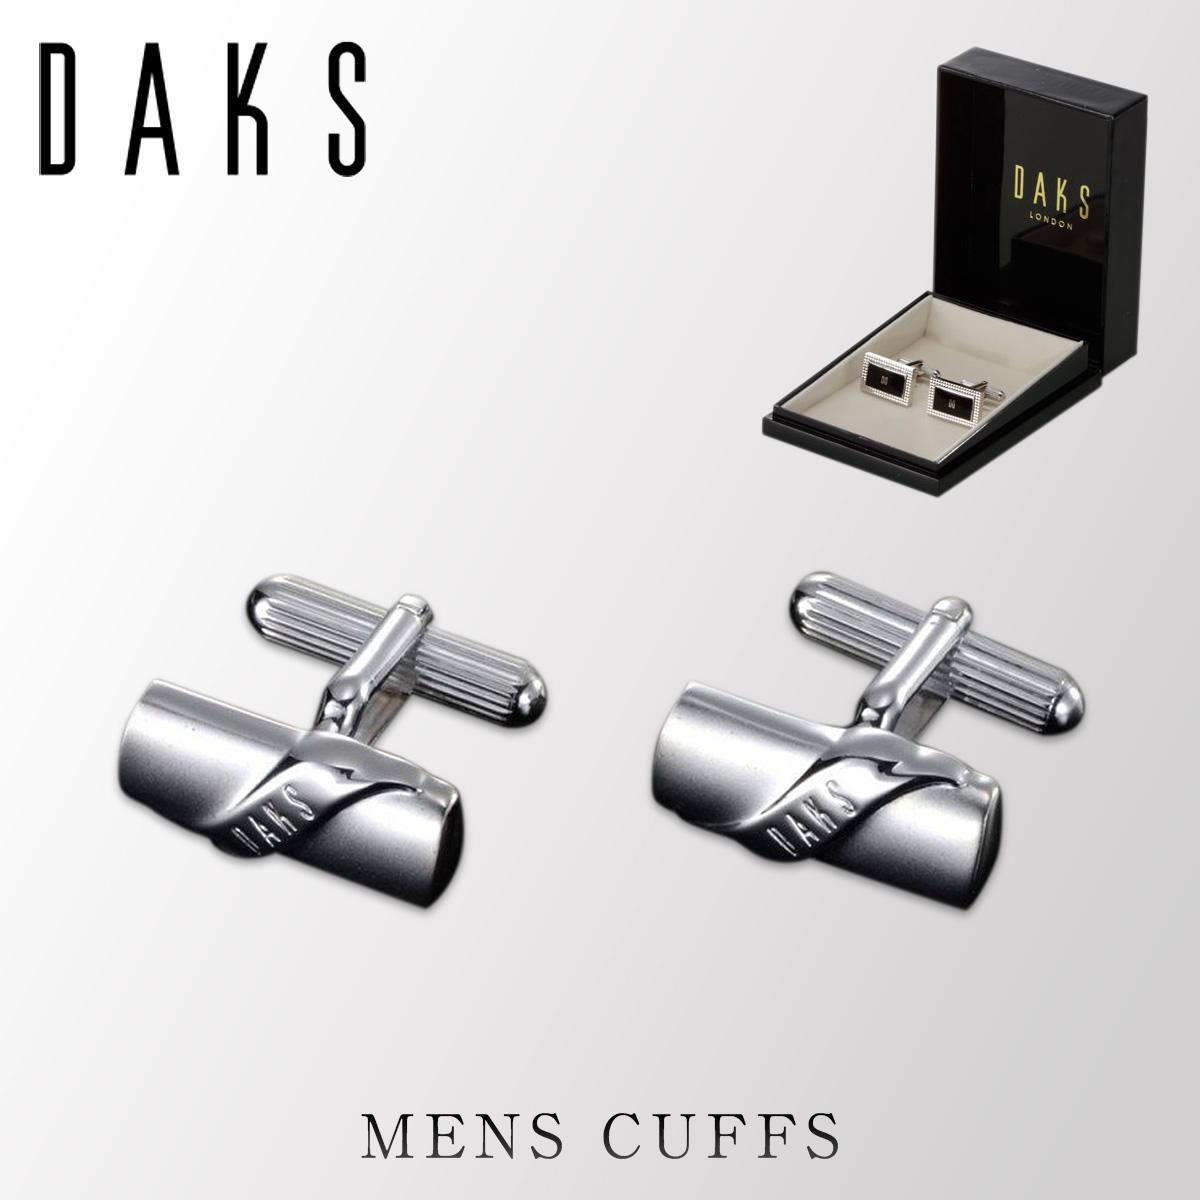 カフス カフスボタン DAKS ダックス DC10046 メンズファッション ギフト プレゼント 贈り物 敬老の日 長寿祝い 敬老会 還暦 古希 喜寿 父の日 人気